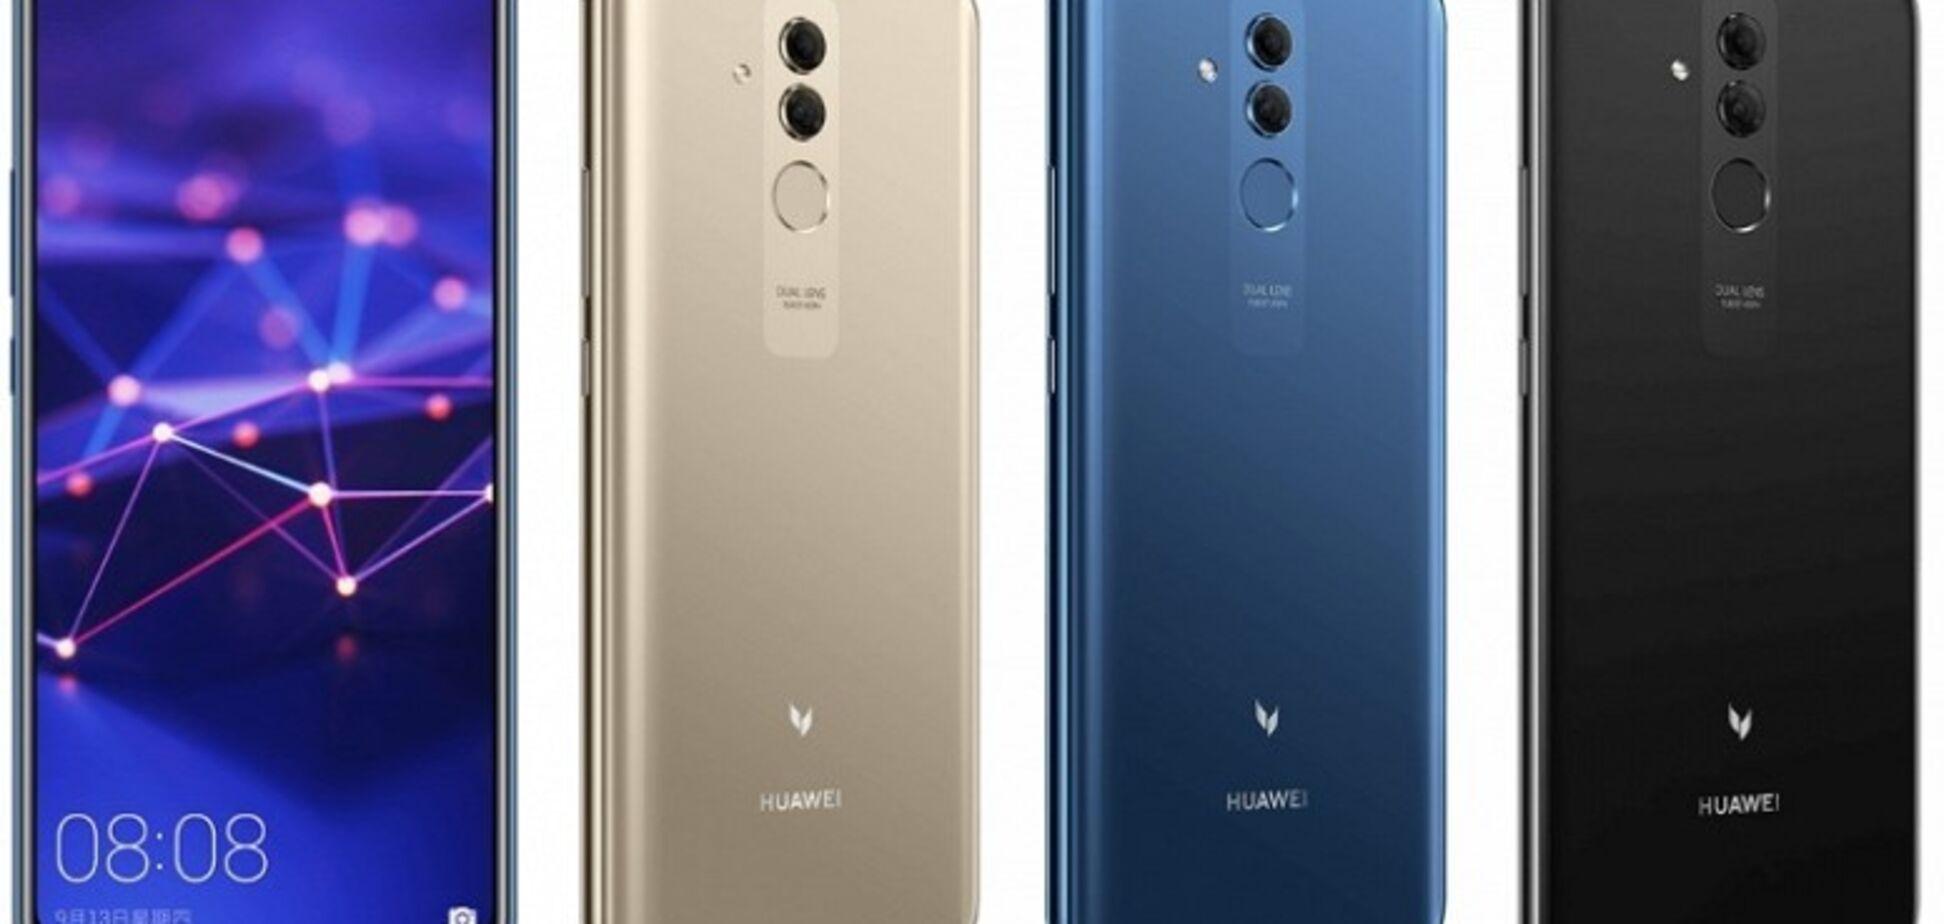 Опубліковані офіційні зображення Huawei Mate 20: названо ціну